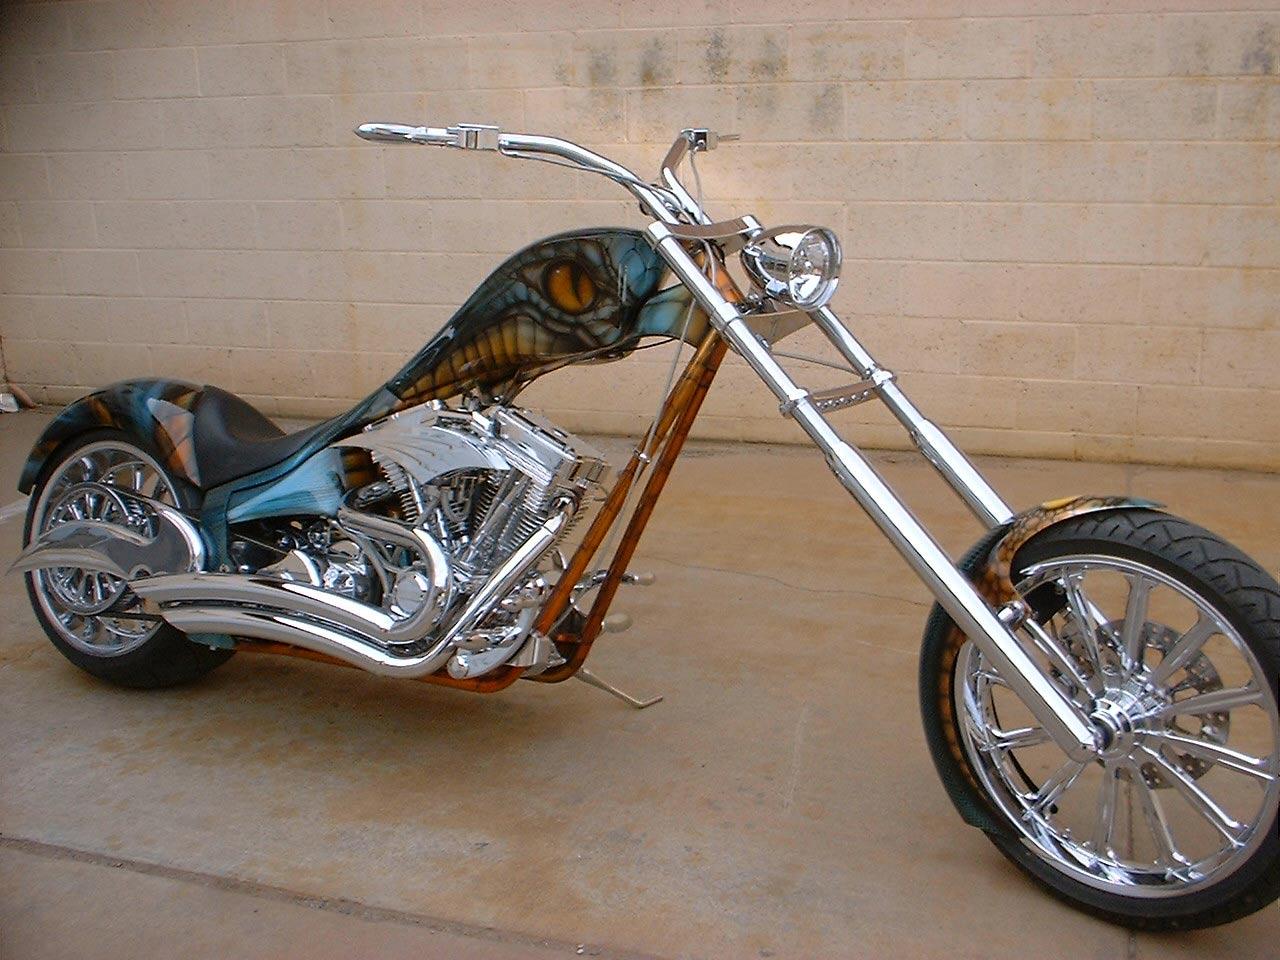 http://4.bp.blogspot.com/-RqxROjcbwVY/TdtUONFTxAI/AAAAAAAAAAY/PBDA_wCrg94/s1600/Cobra_Bike.jpg